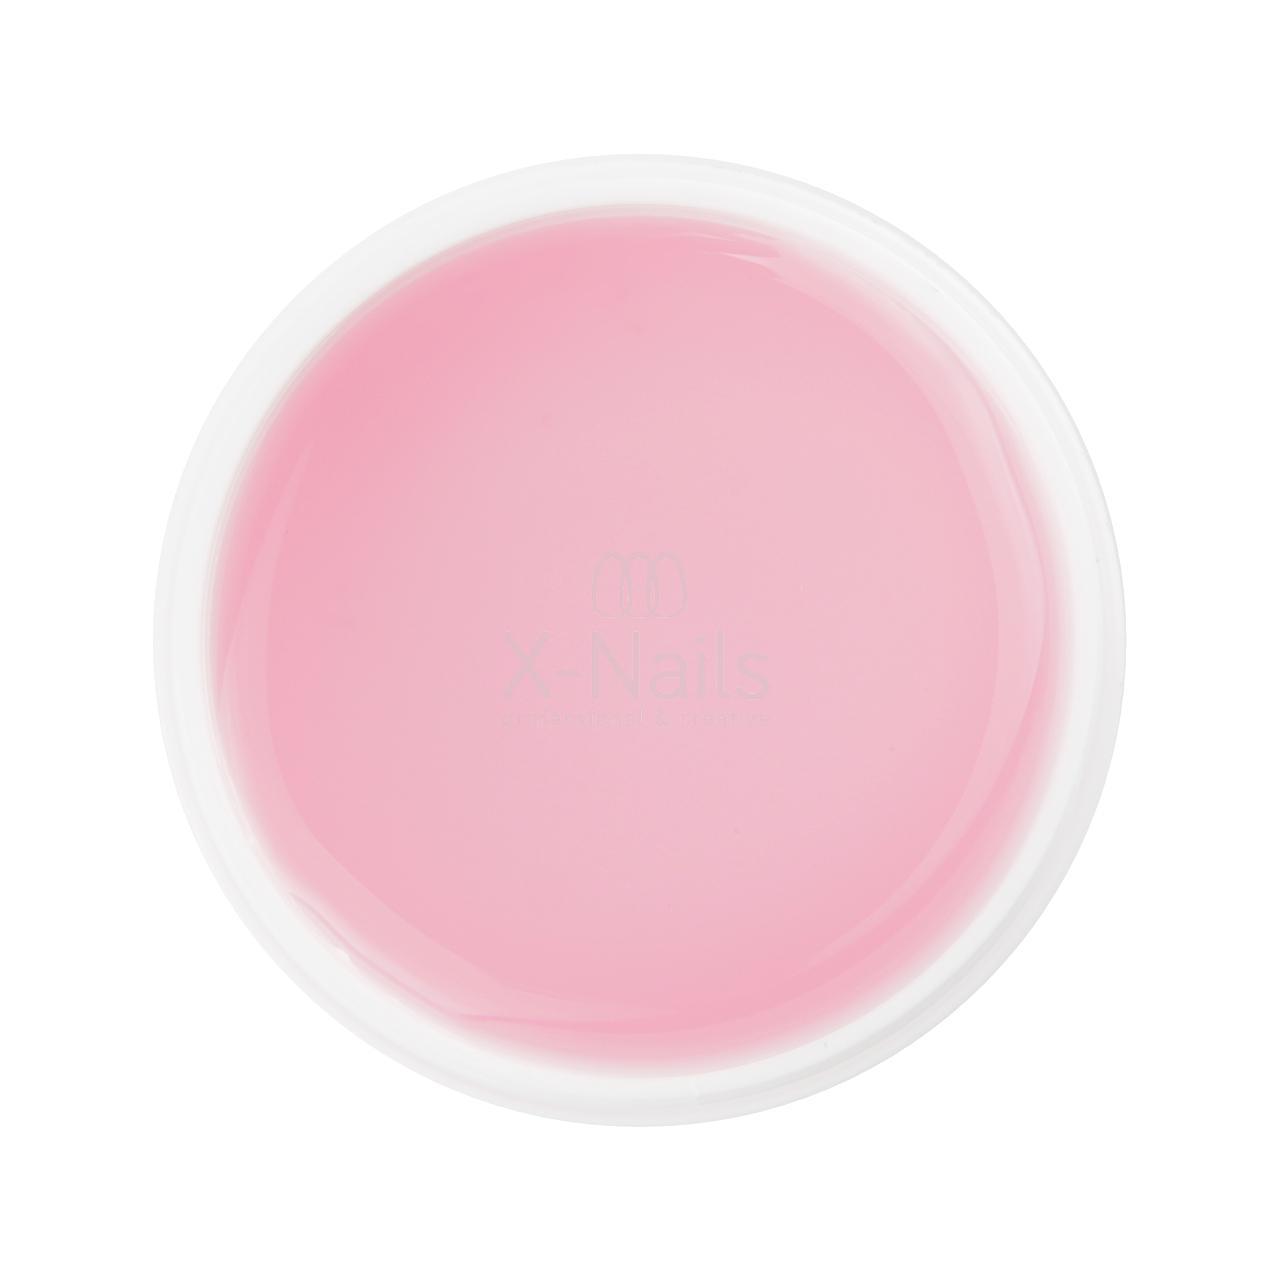 Stavebni Uv Gel Na Nehty Modelacni Uv Gel Na Nehty Light Pink Clear 5m